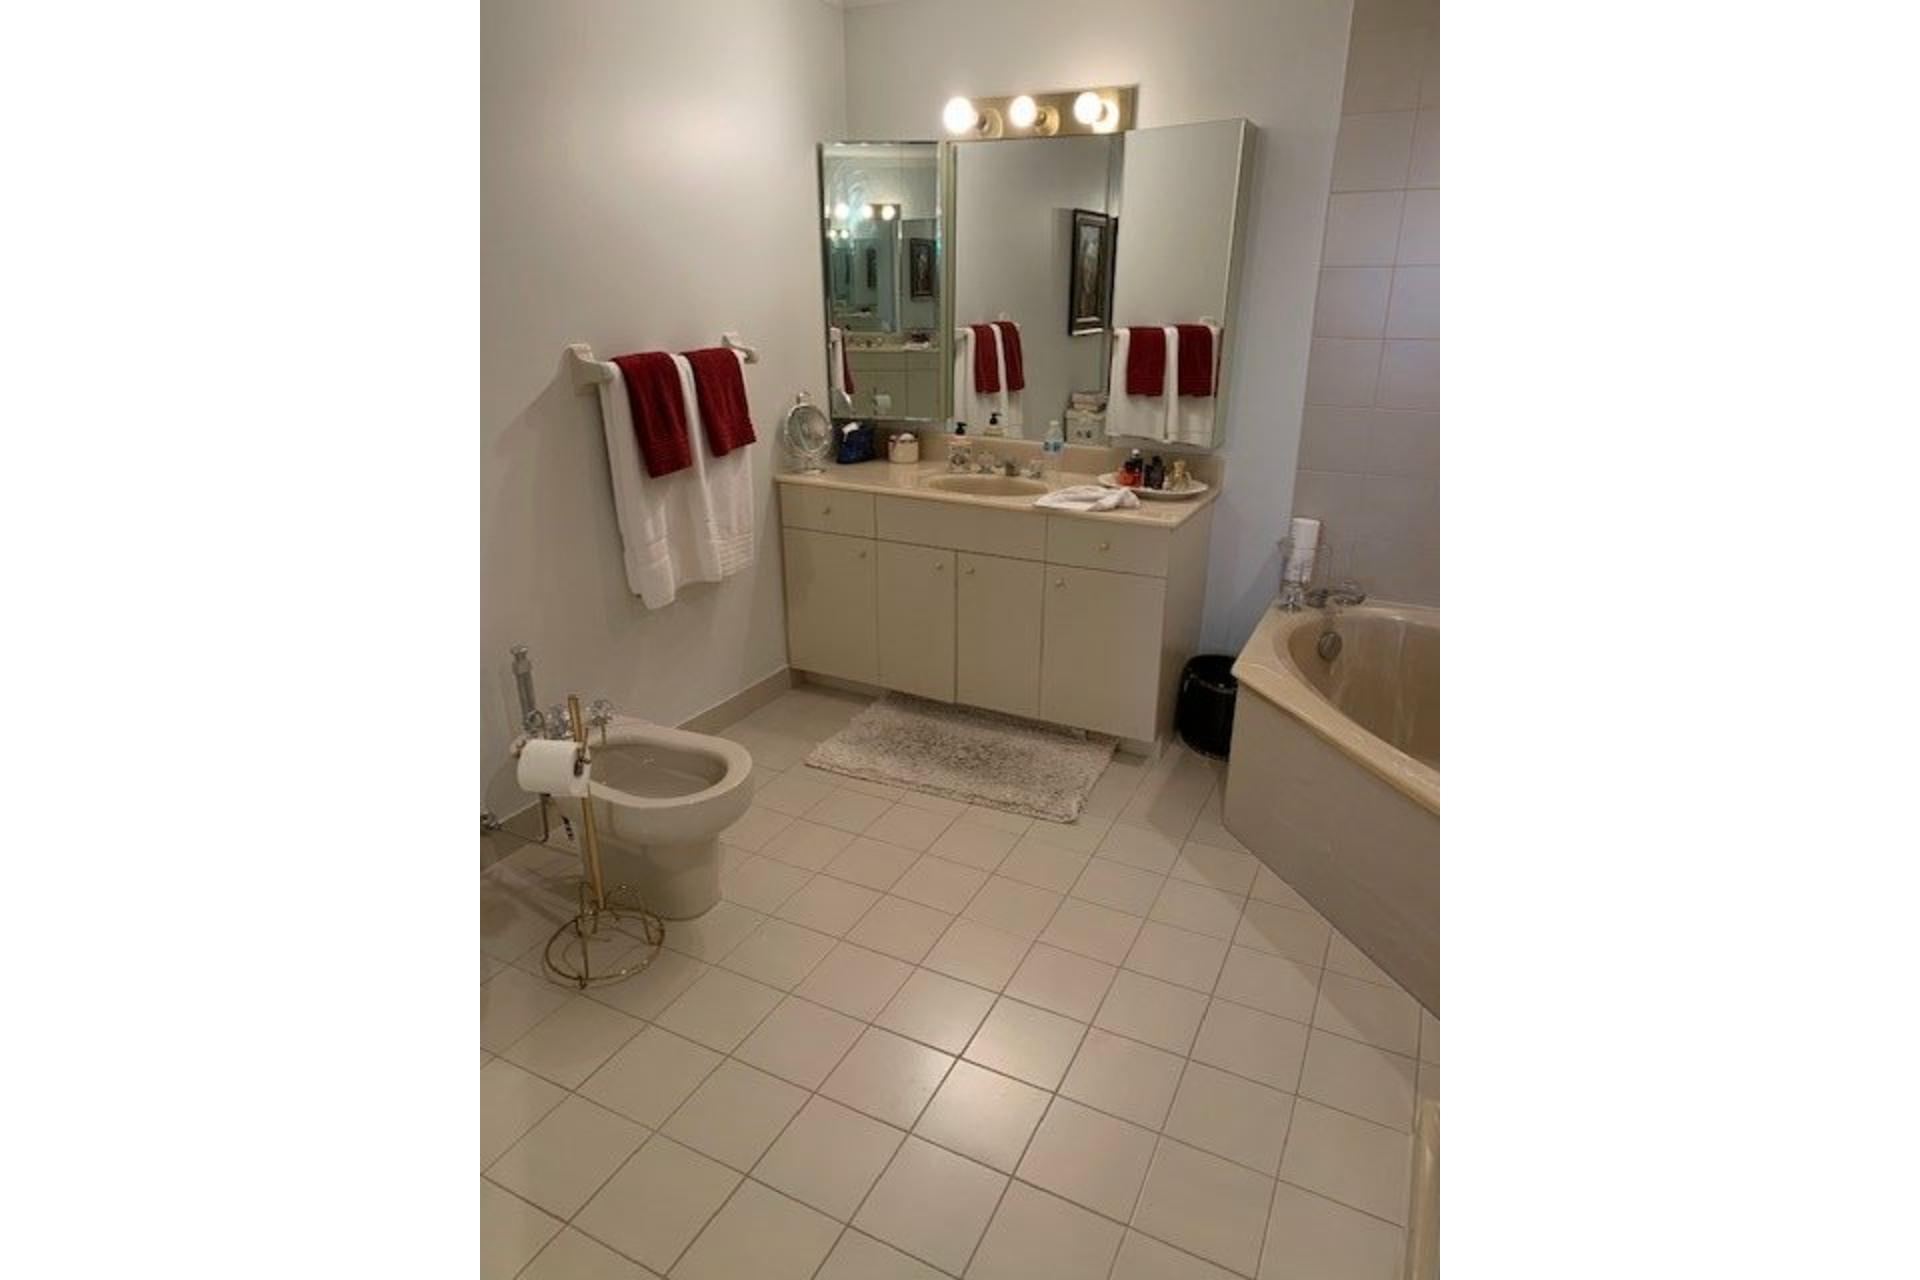 image 30 - Apartment For rent Côte-des-Neiges/Notre-Dame-de-Grâce Montréal  - 5 rooms